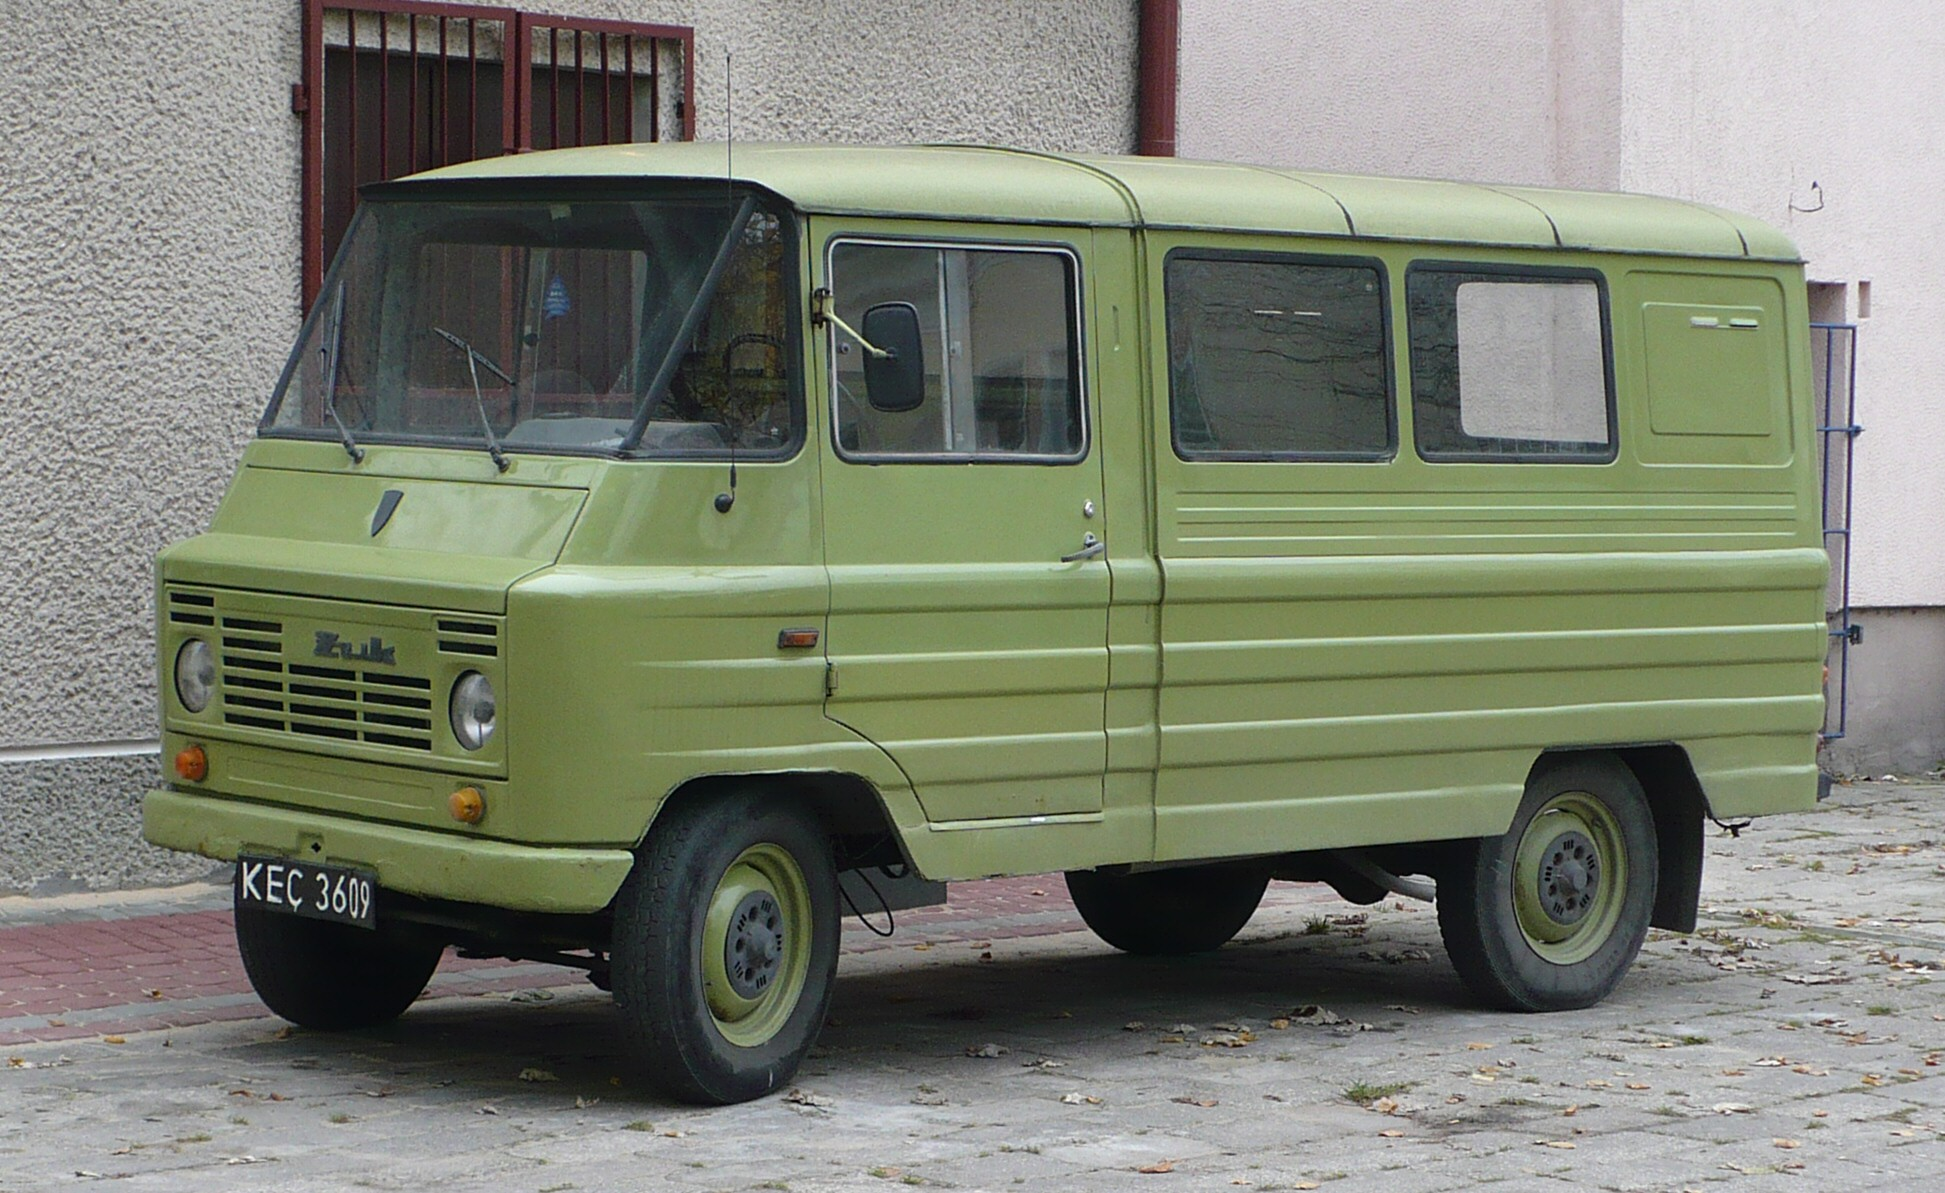 Zuk The Polish Panel Van 587 000 Were Made Between 1958